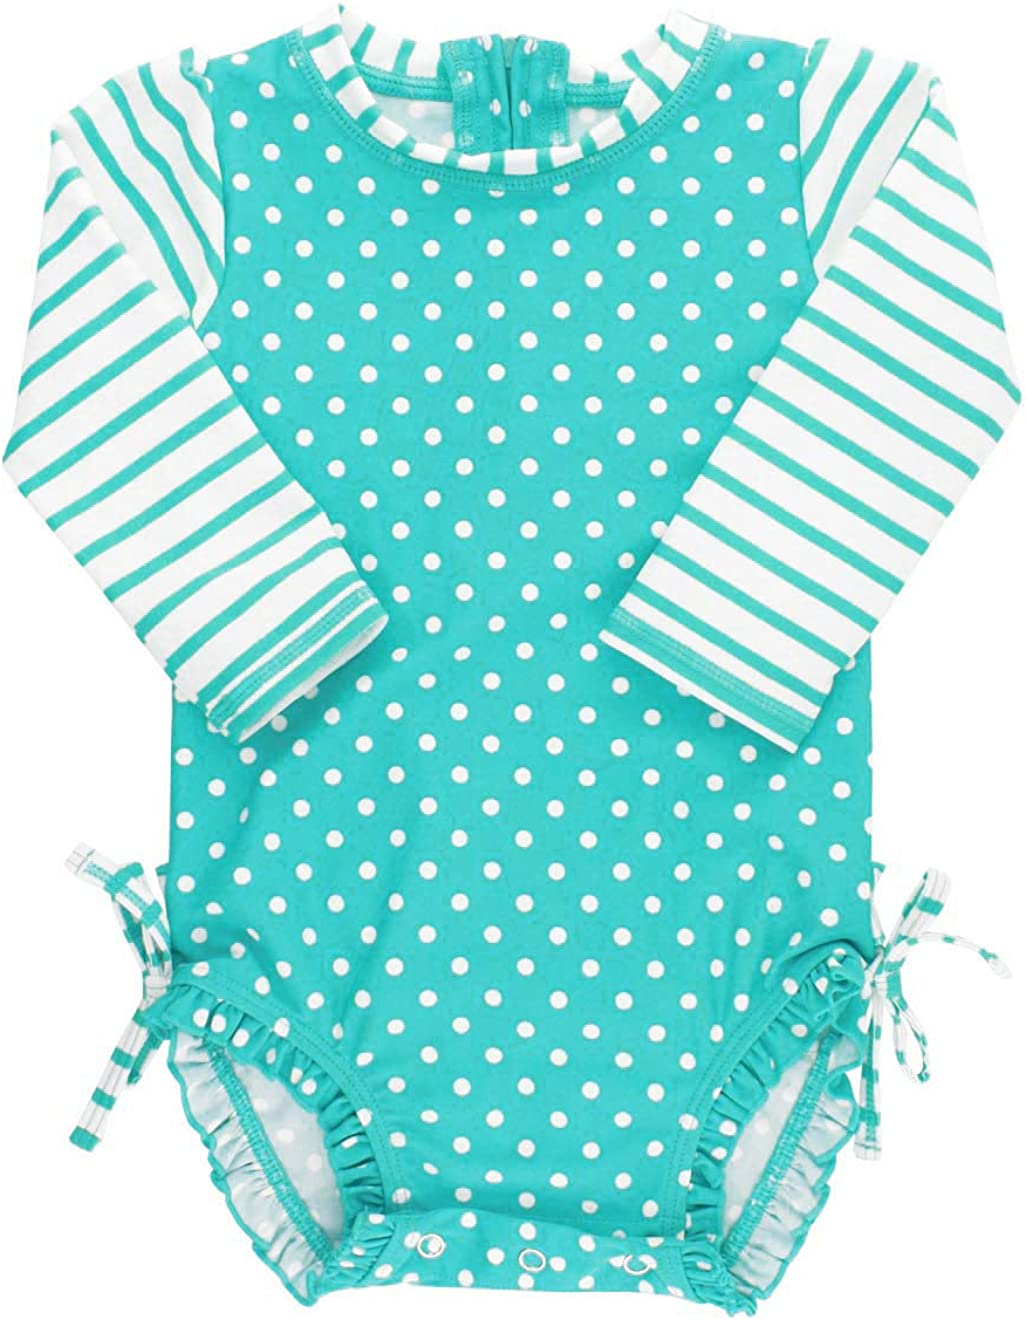 Sun Protection Polka Dot Bikini with UPF 50 RuffleButts Girls Rash Guard Short Sleeve 2-Piece Swimsuit Set